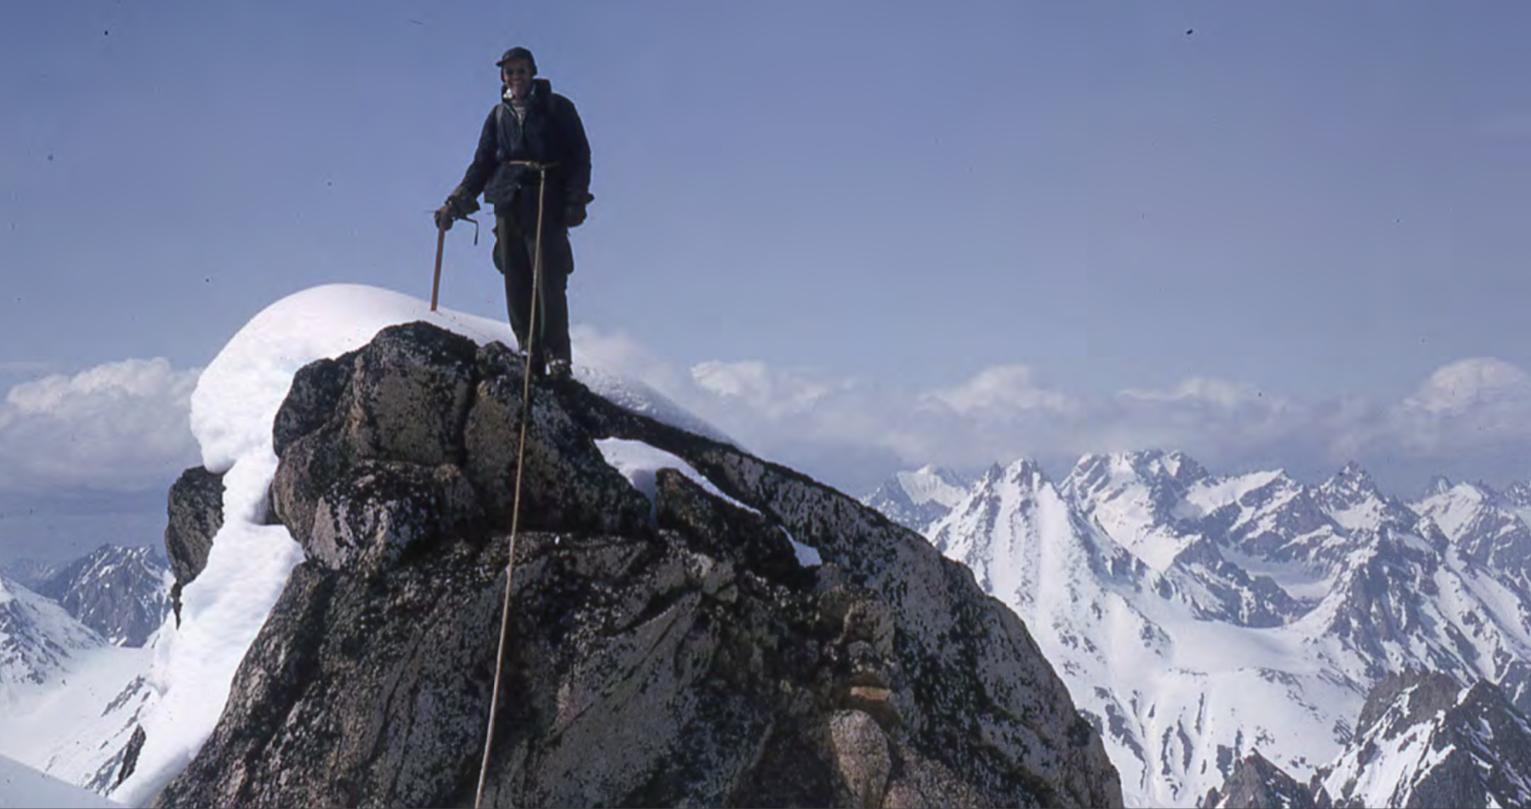 Joe Firey on top of Peak 6,310' in 1965.